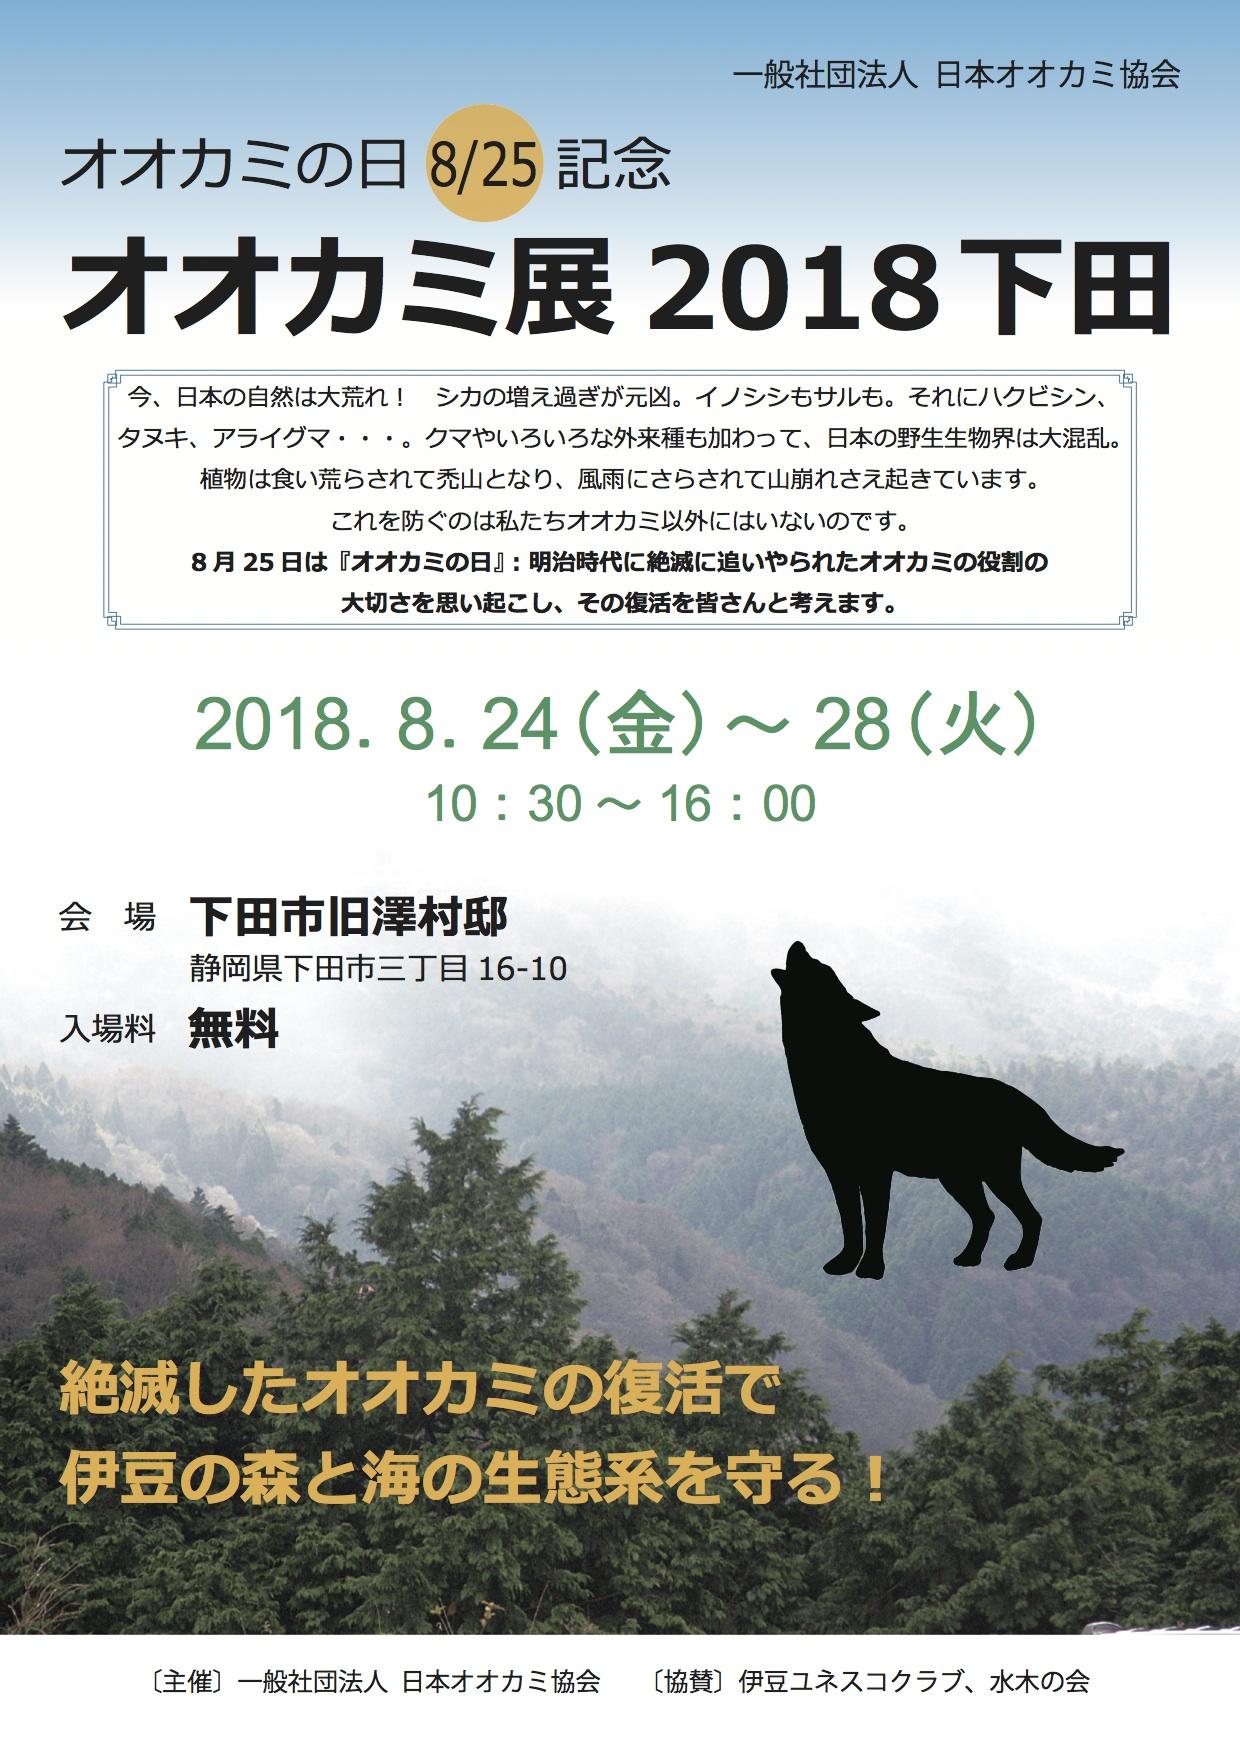 オオカミの日チラシ2.jpg